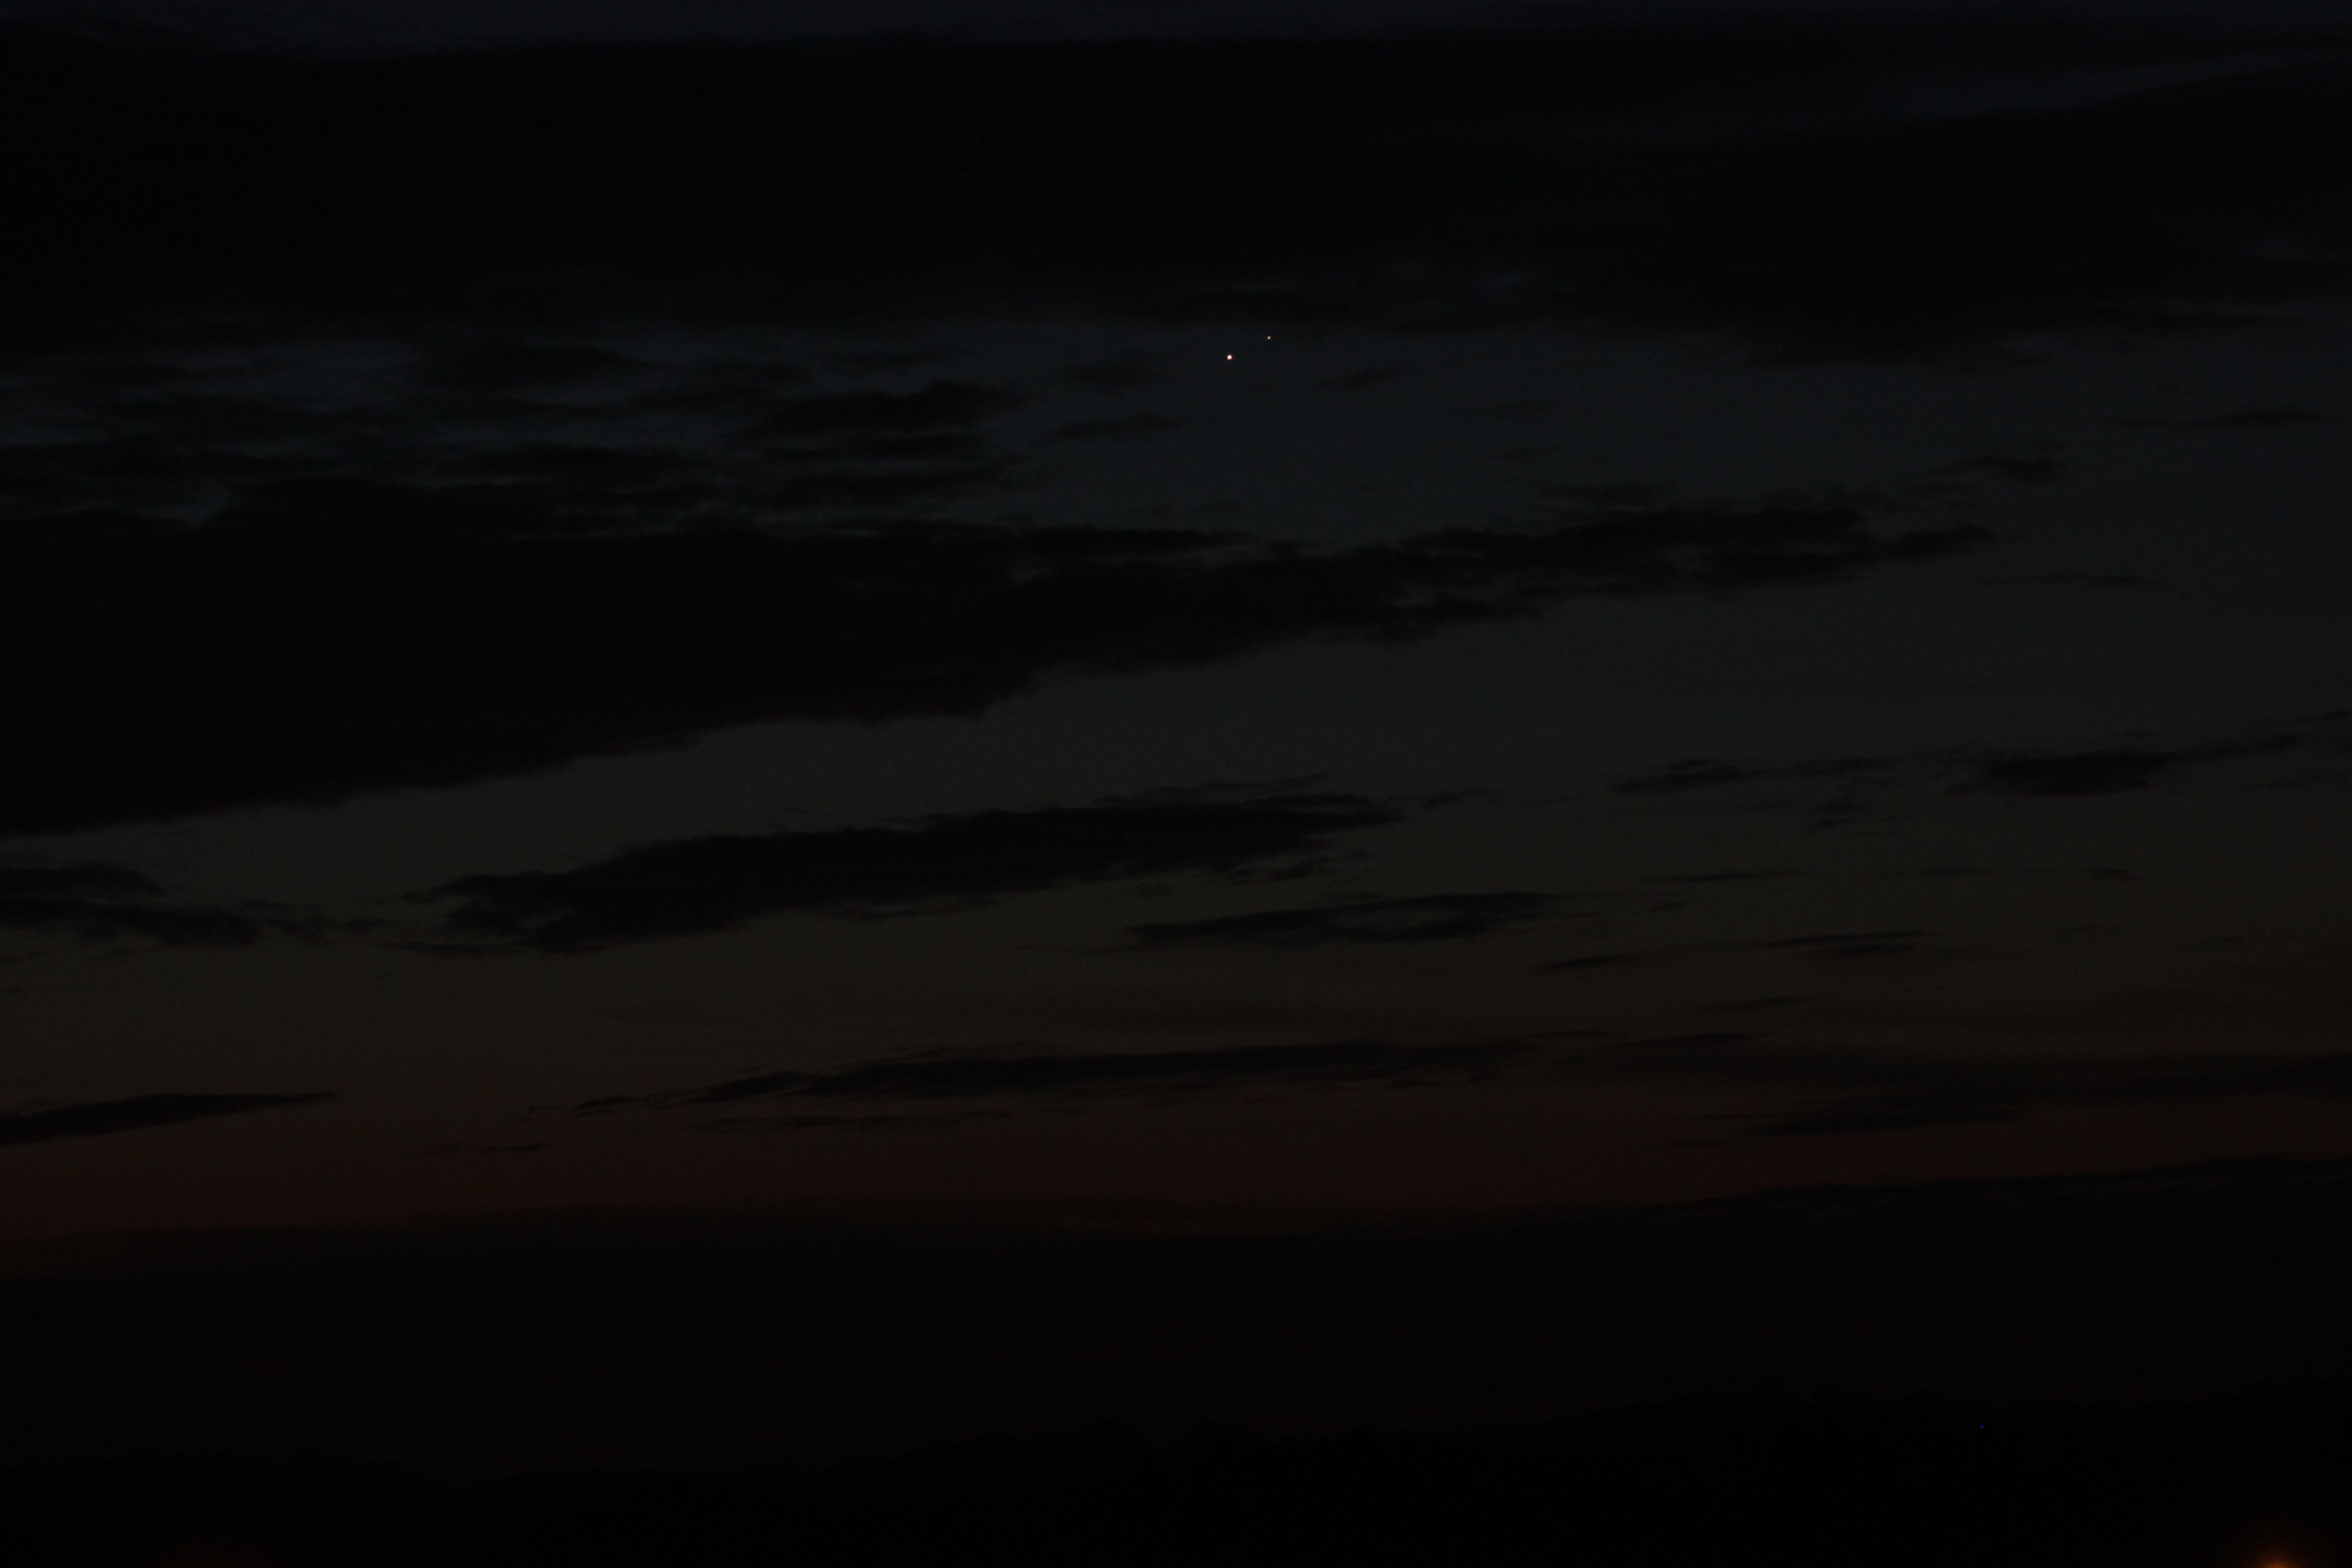 Venus and Jupiter through the clouds (photo credit: Dan Andrea)